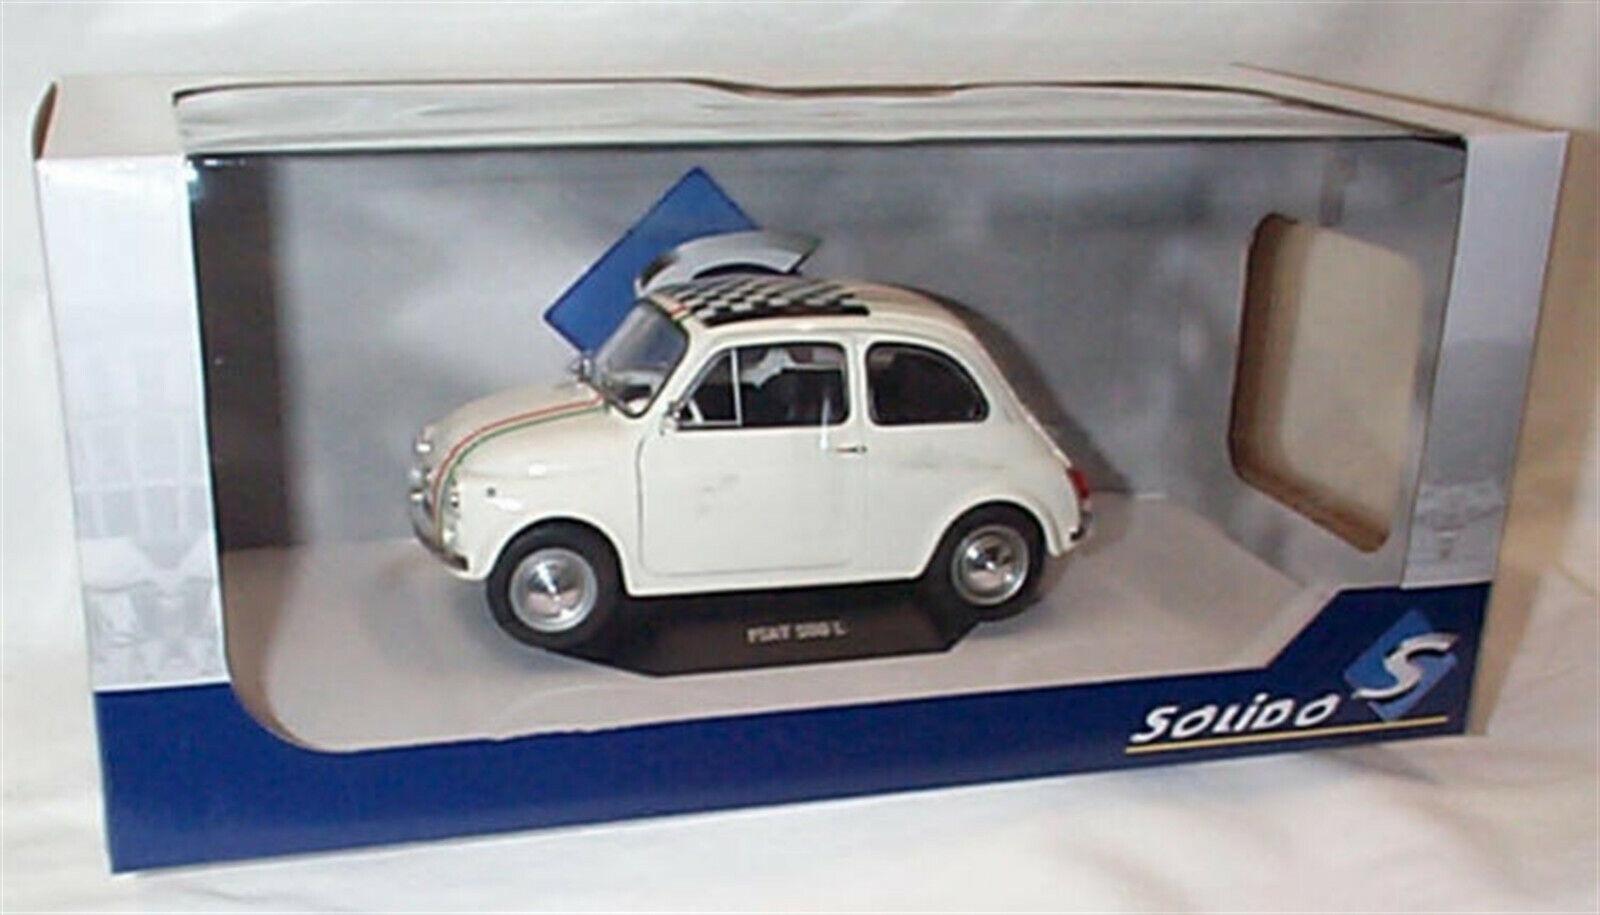 hasta un 50% de descuento Fiat 500L Italia en blancoo 1968 1968 1968 1 18 - S1801403 Solido apertura de puertas  forma única